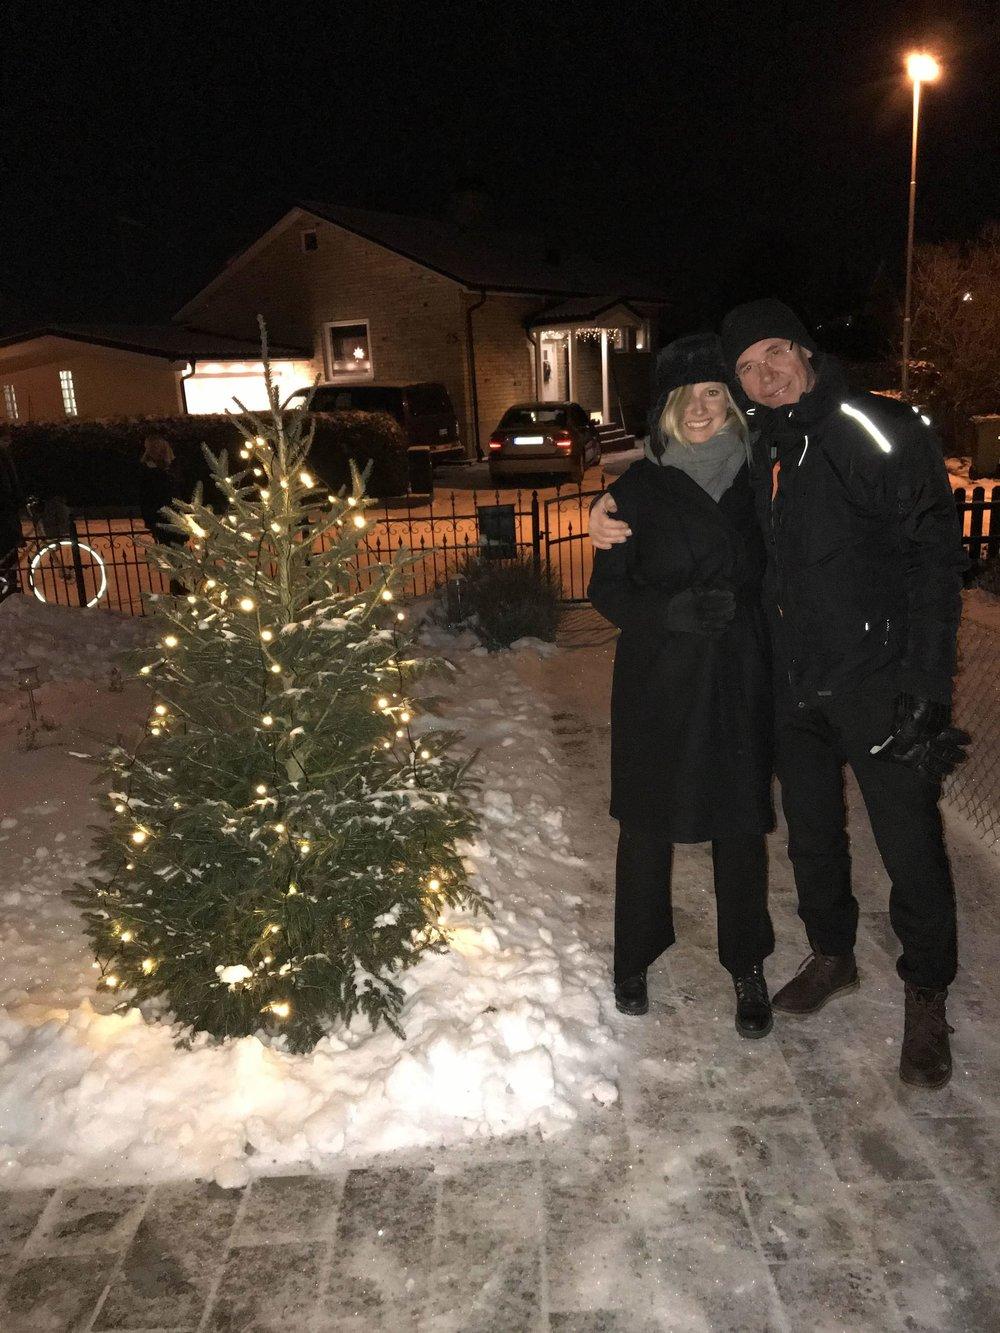 Jag och Pappa uppställda bredvid granen, påväg mot Nilla för att äta mer julmat.